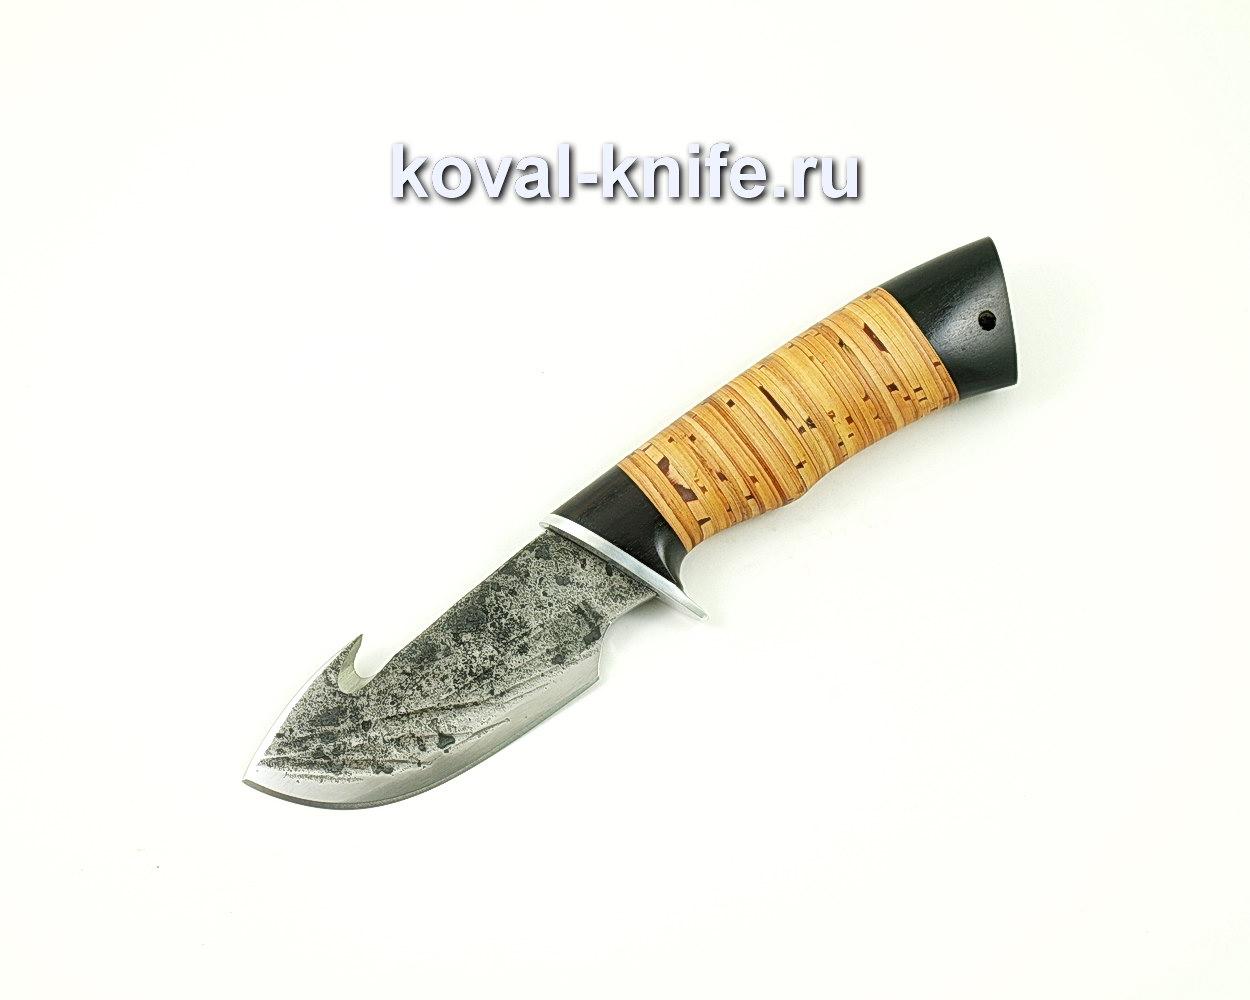 Нож Стропорез из стали 9хс (рукоять береста, граб) A403